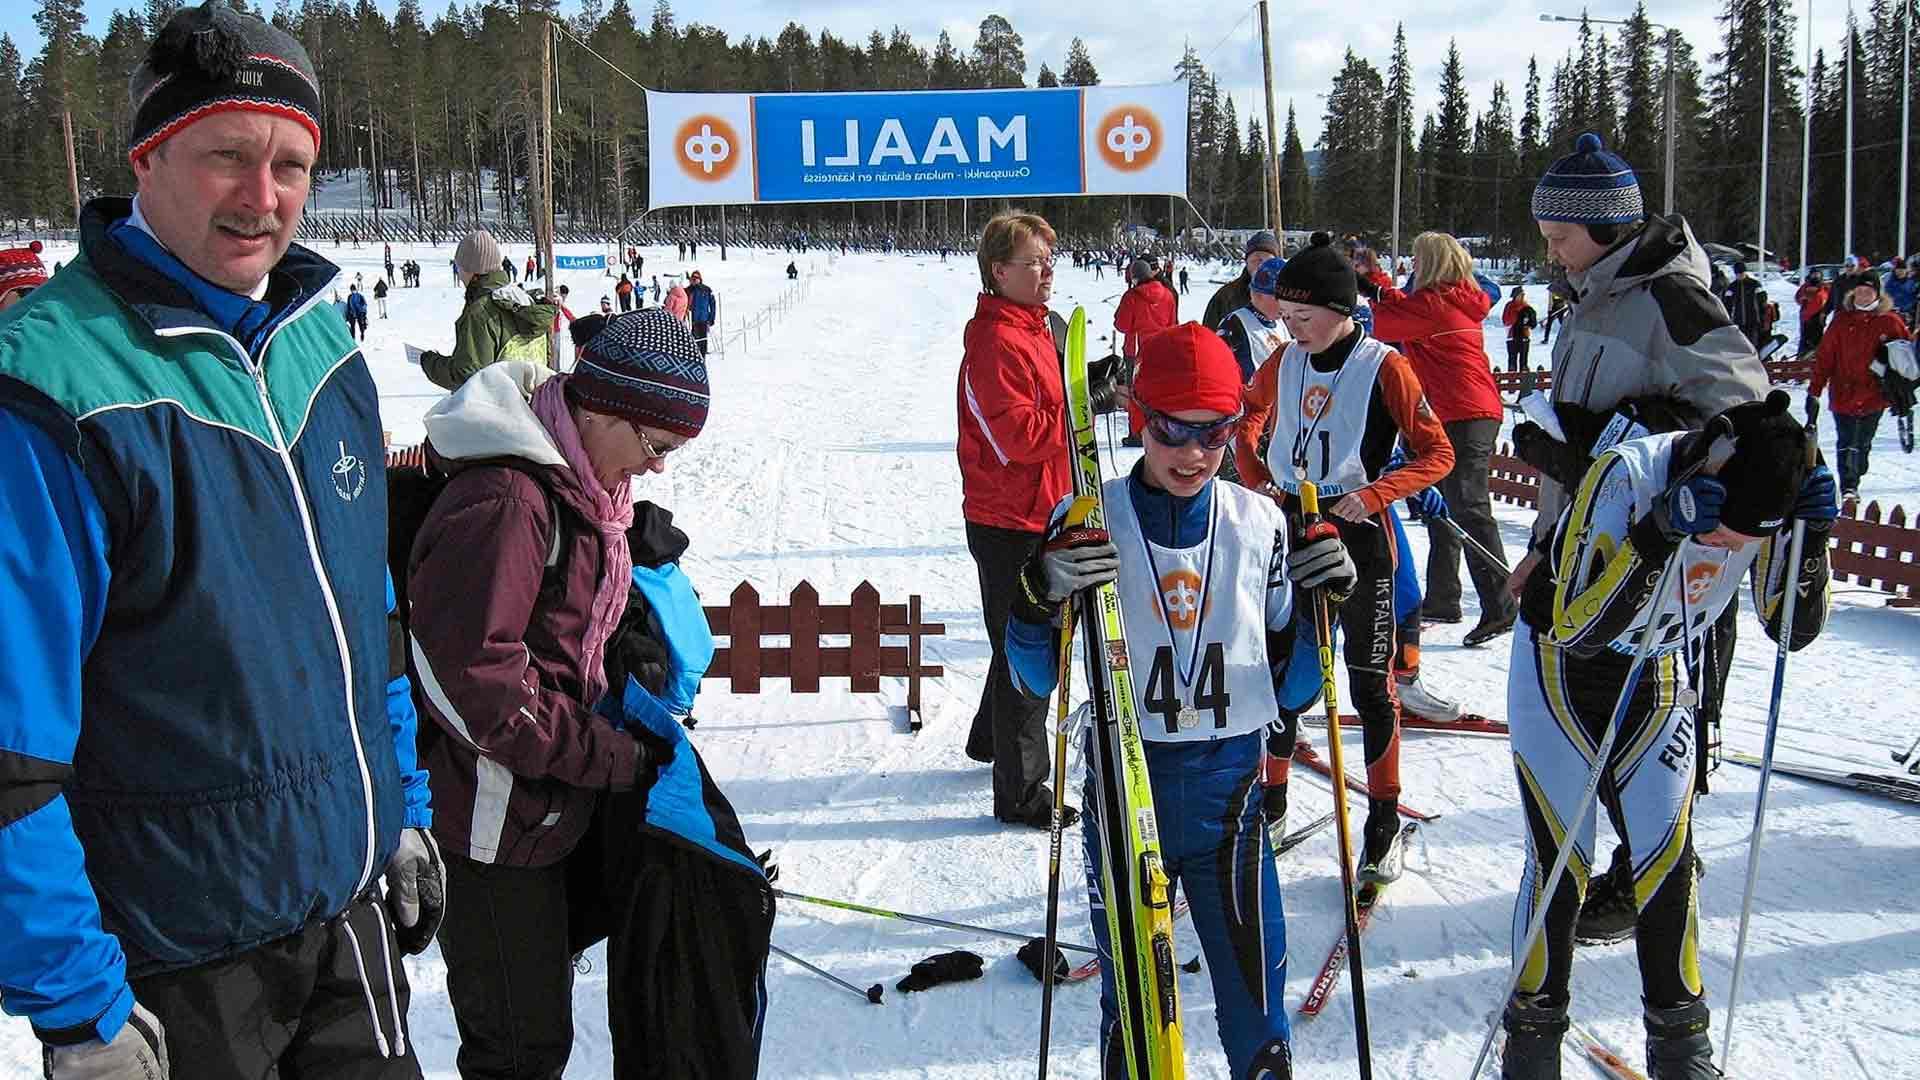 12-vuotias Joni Mäki (numero 44) Iso-Syötteen kevätkisoissa vuonna 2007. Mäen perhe kiersi viikonloppuisin runsaasti hiihtokisoja, koska isovelikin oli kilpahiihtäjä.